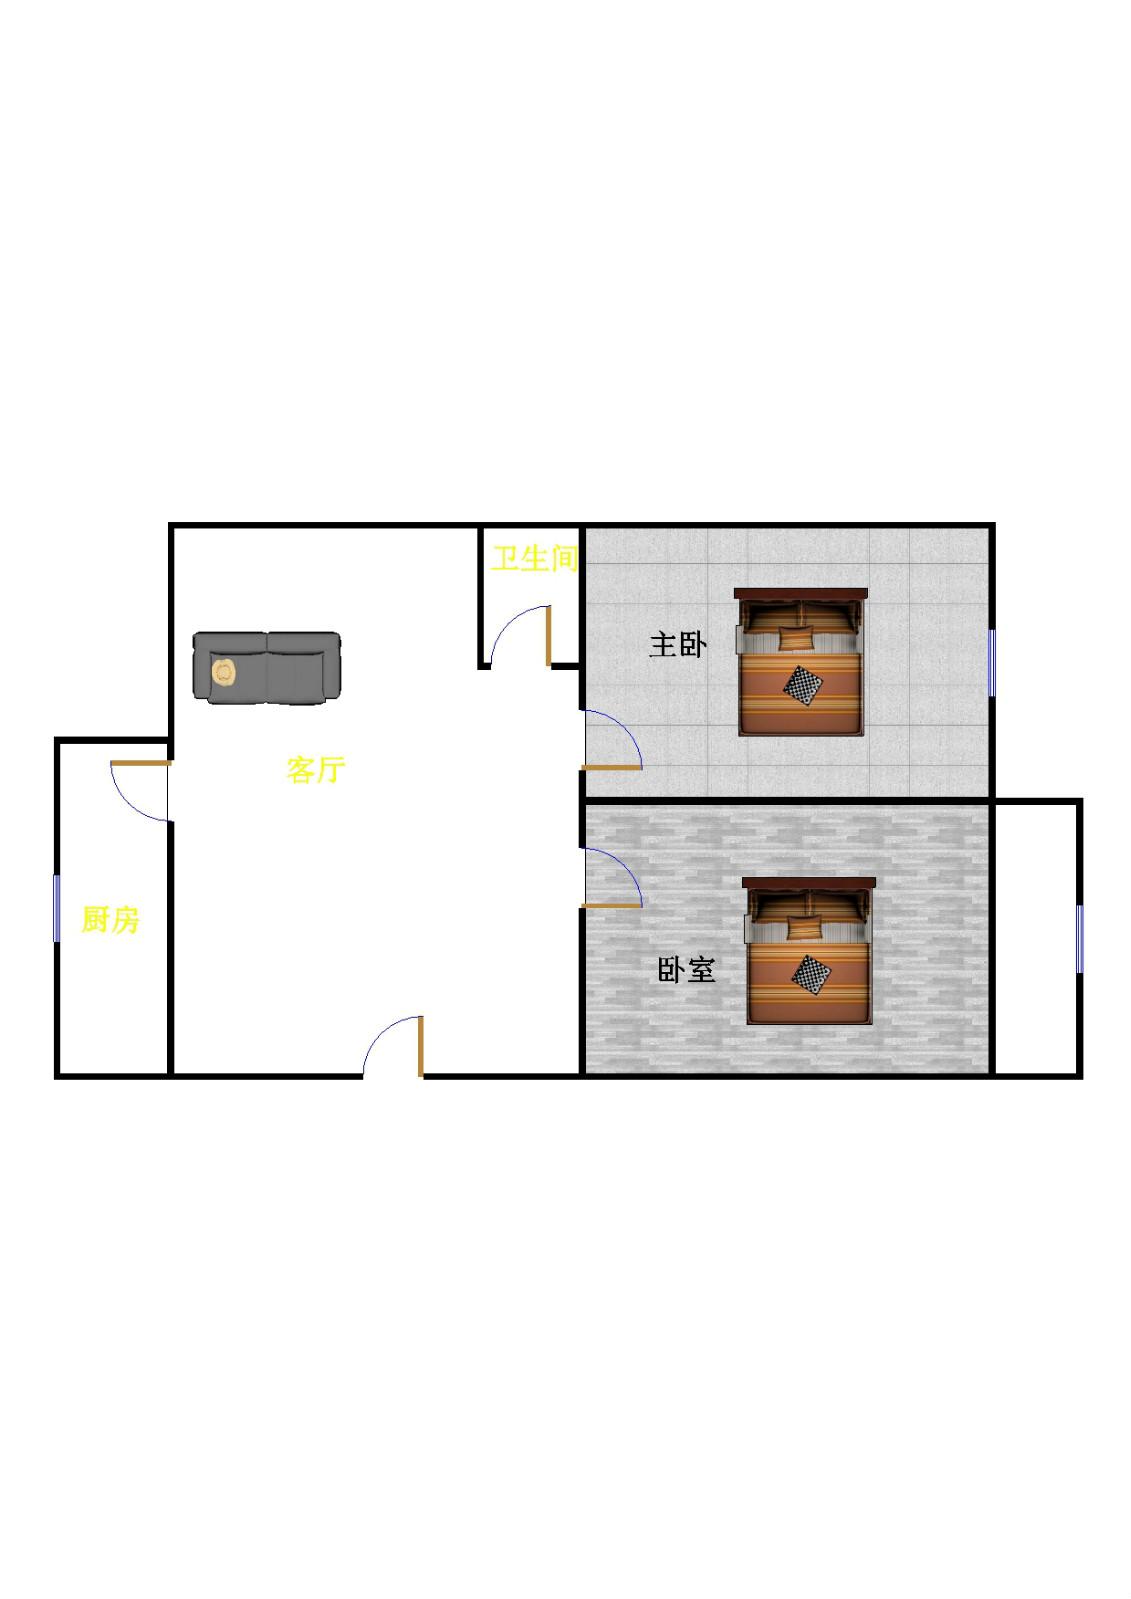 池家堤口 2室2厅 25楼